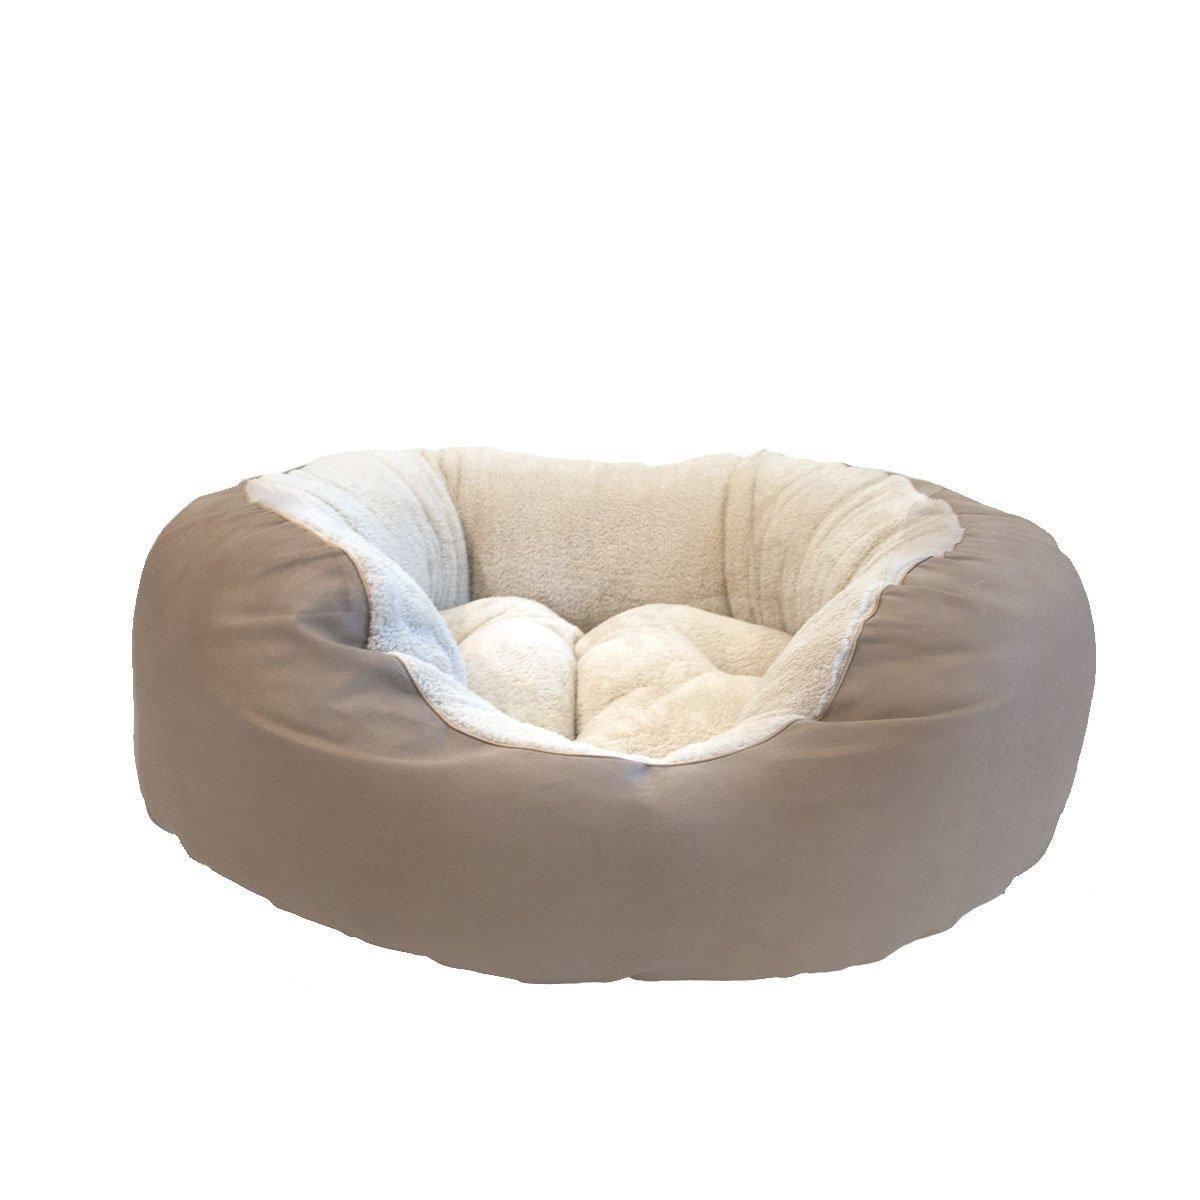 wauweich Komfortbett mit hohem Rand, Bild 9